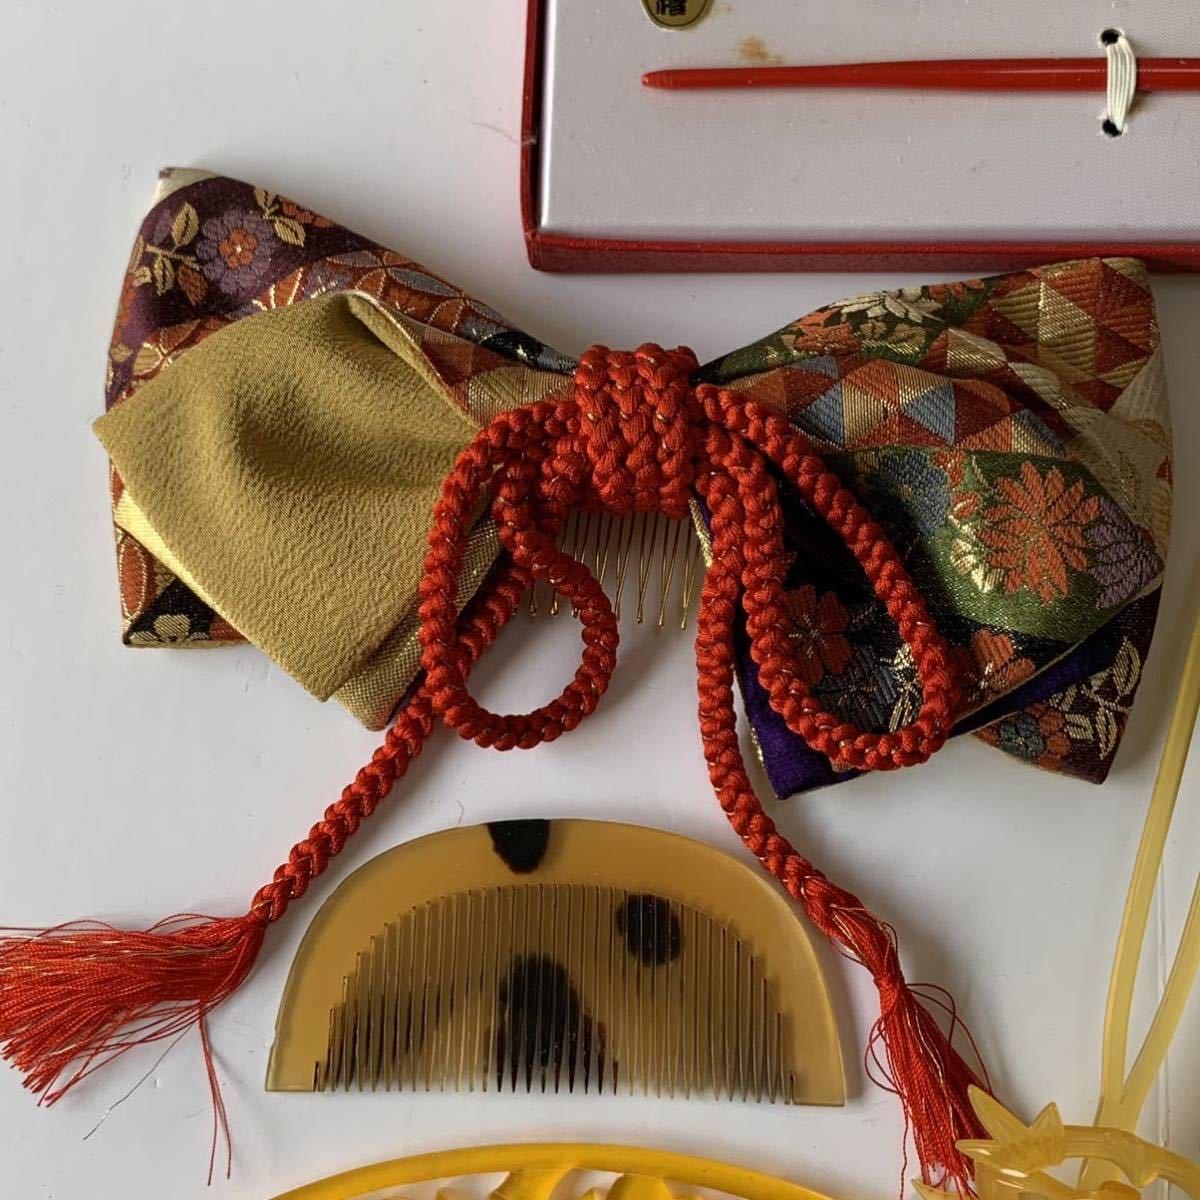 かんざし くし 和装小物 アンティーク レトロ 簪 櫛 螺鈿細工 鼈甲 螺鈿 着物 髪飾り_画像2